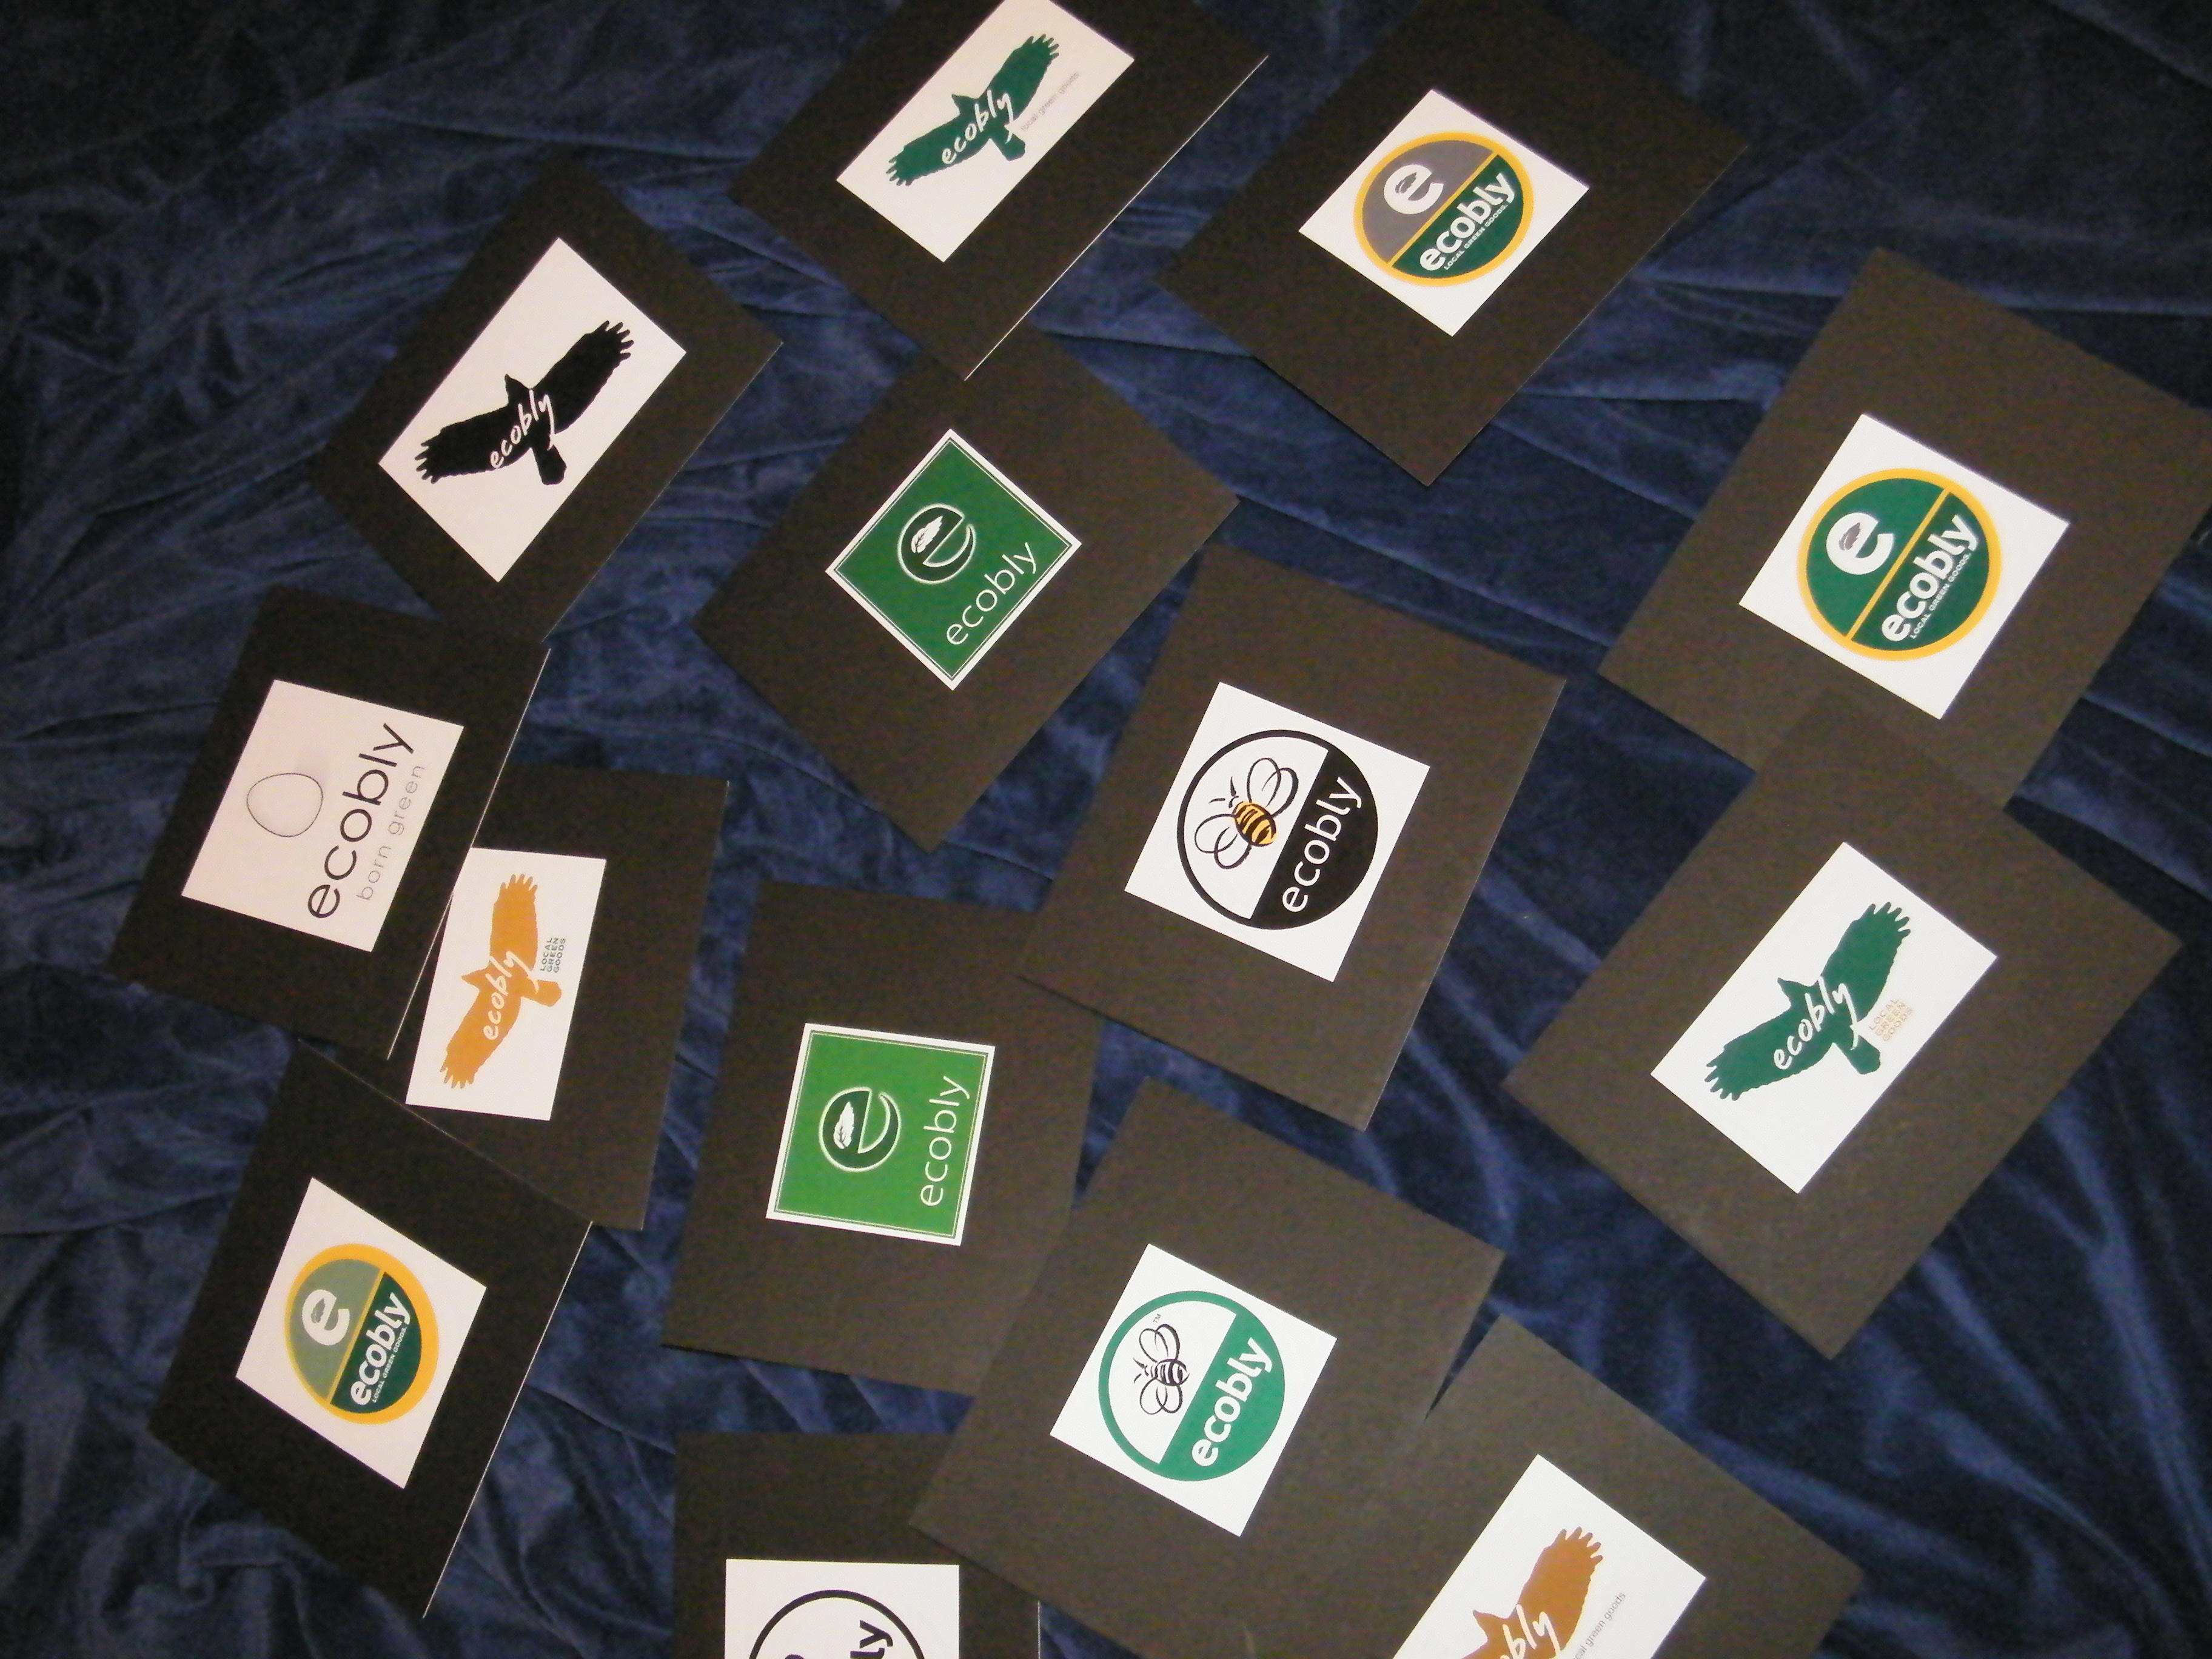 ecobly logos